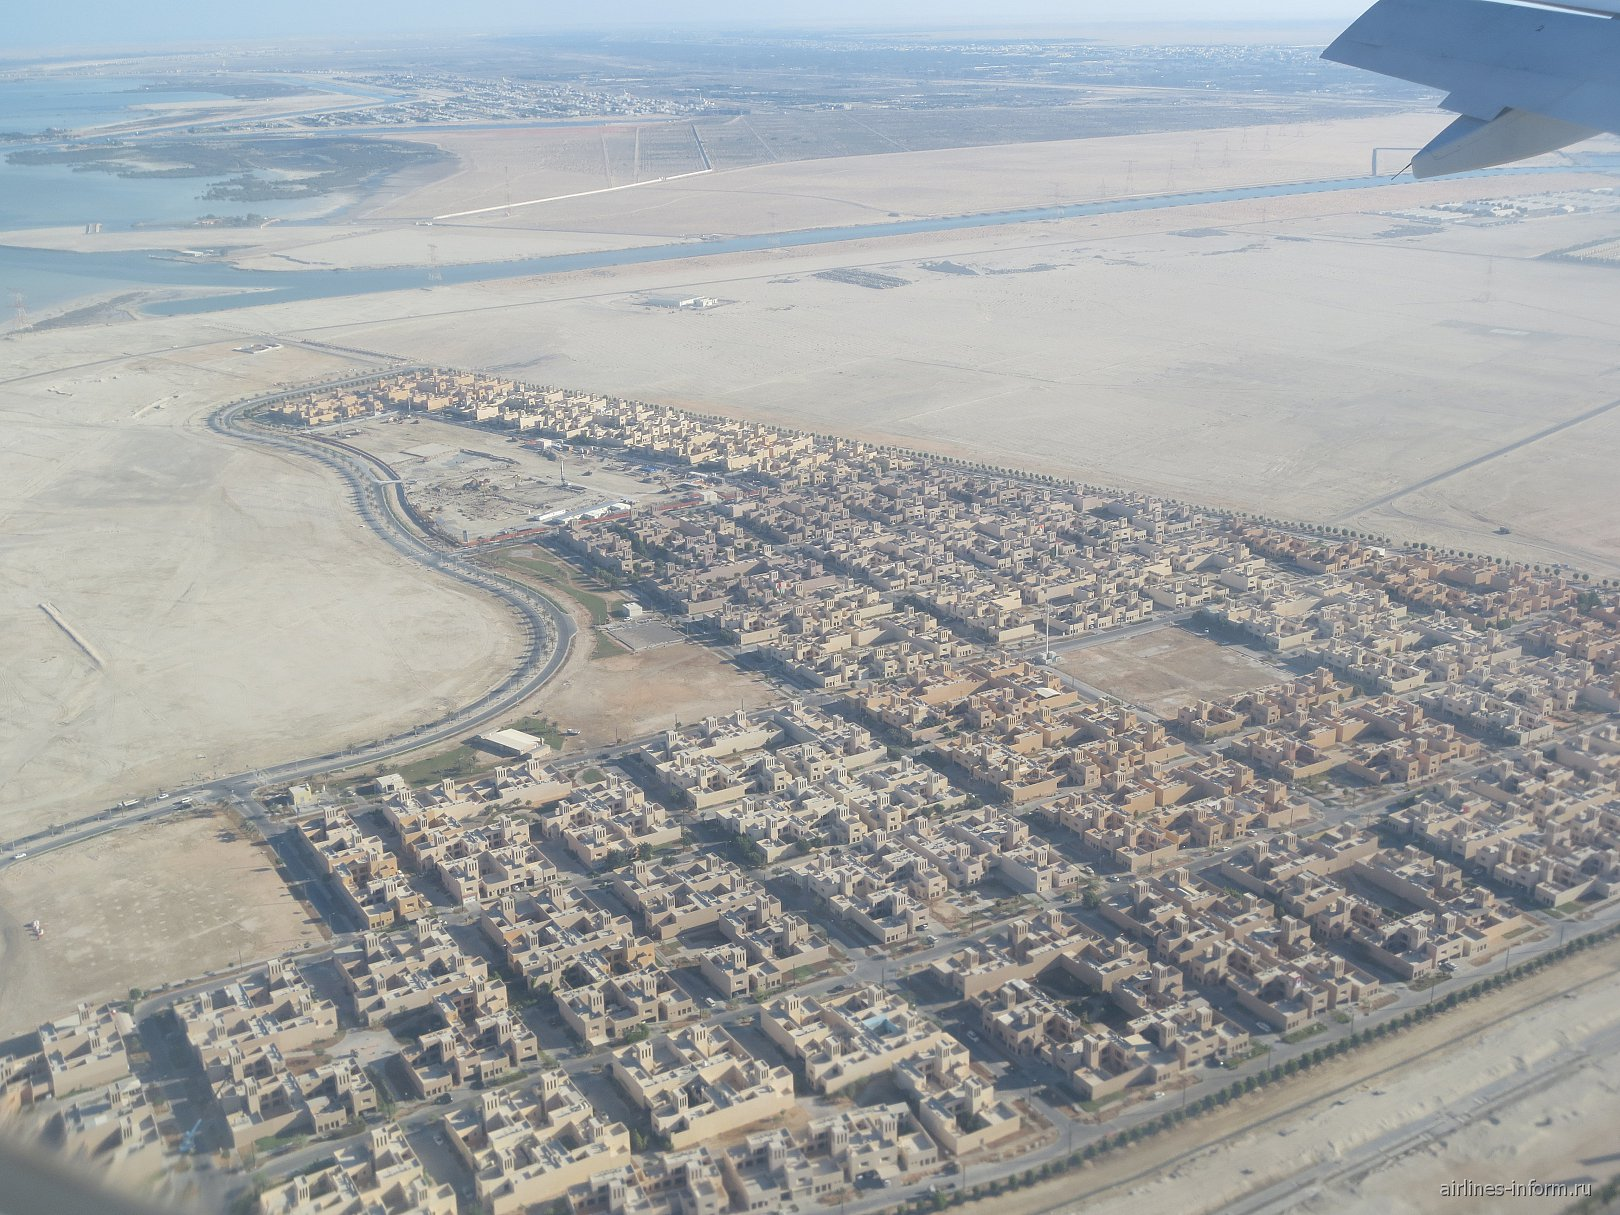 Жилые кварталы перед посадкой в аэропорту Абу-Даби